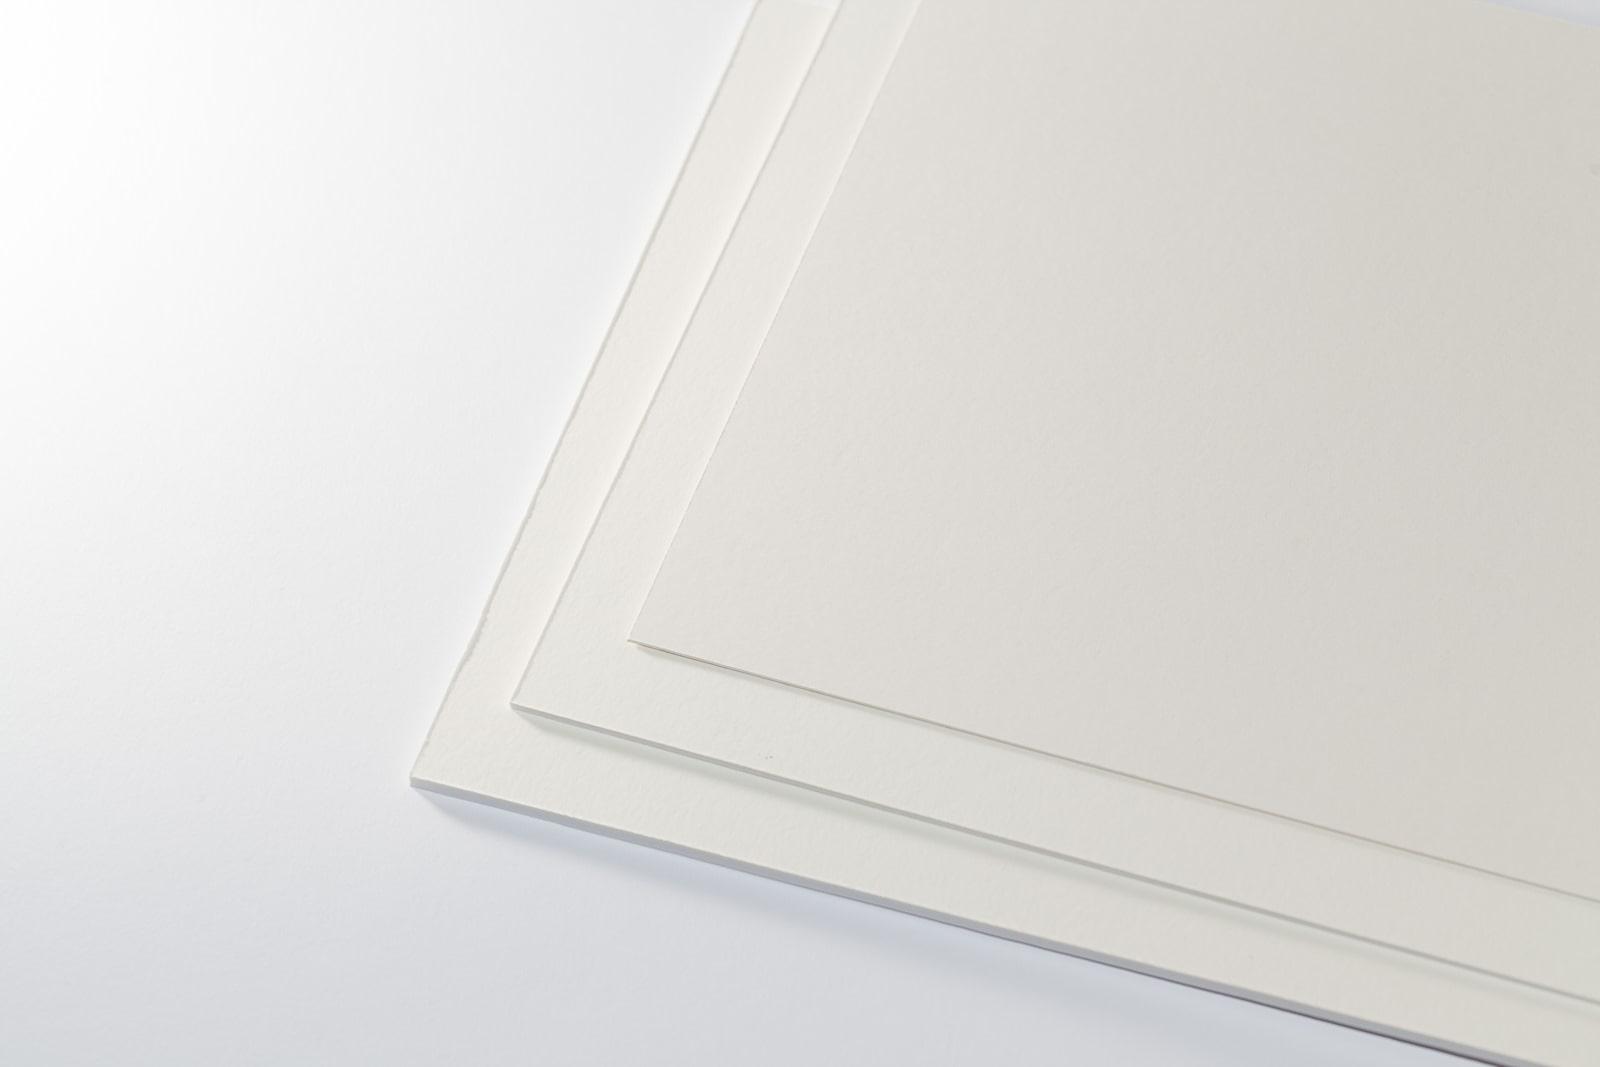 Eine Aufnahme unseres Passepartoutkarton classic creme/weiß in mehreren Stärken